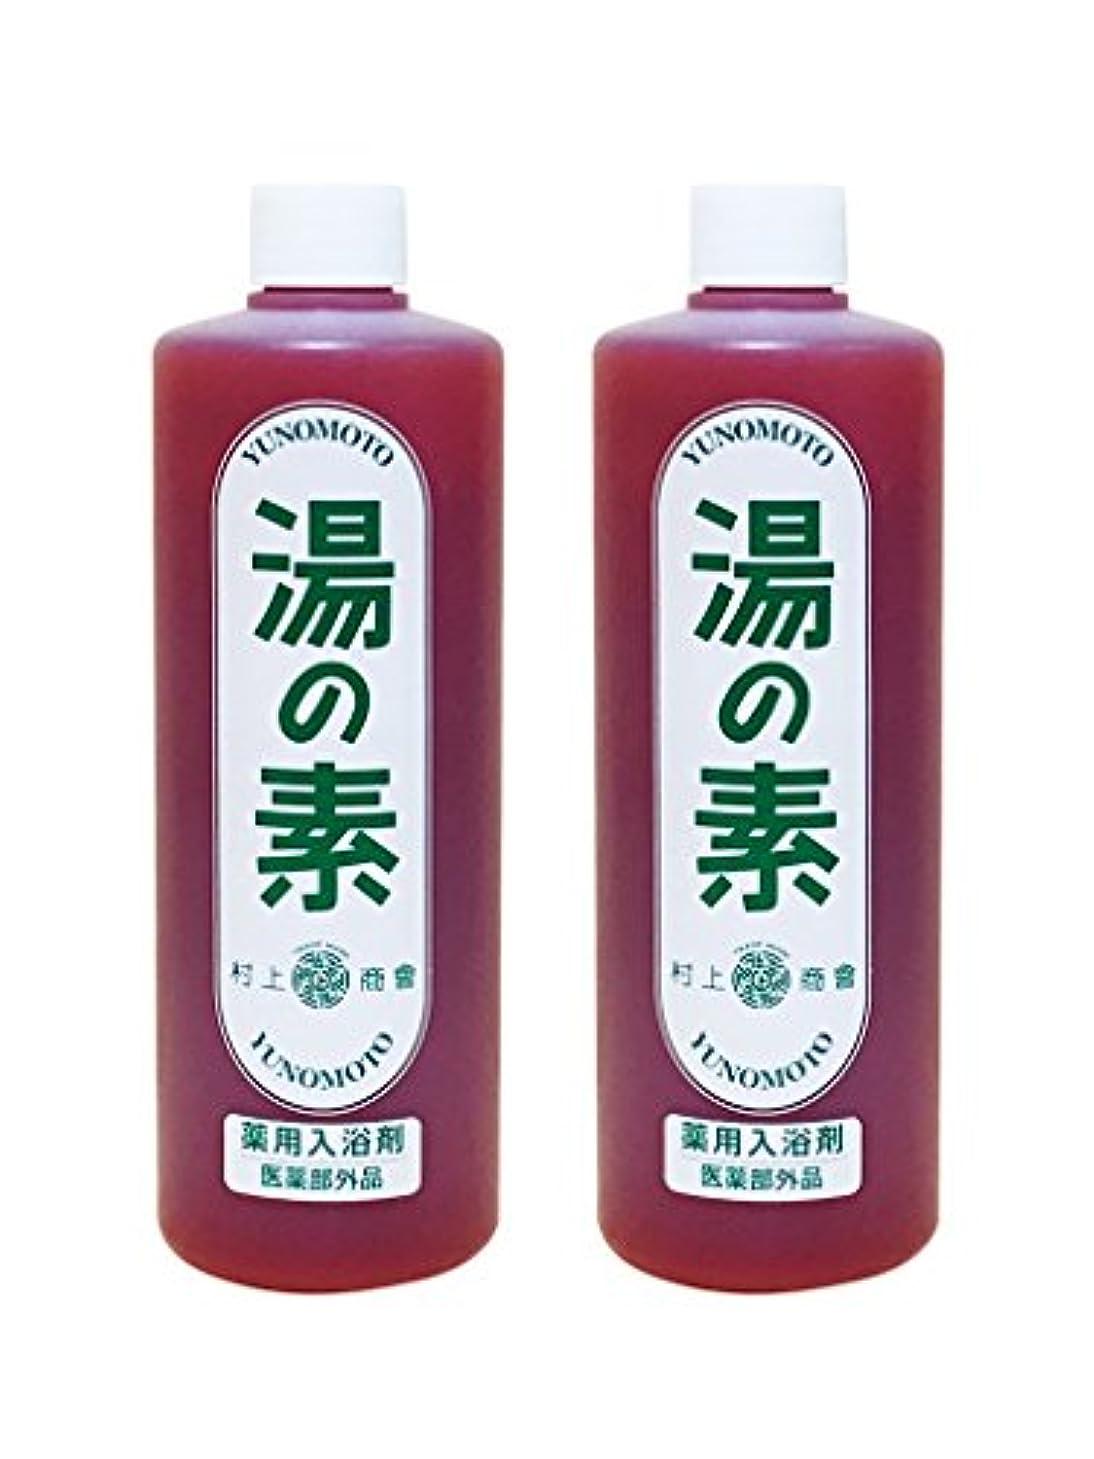 スライス感染するぼんやりした硫黄乳白色湯 湯の素 薬用入浴剤 (医薬部外品) 490g 2本セット